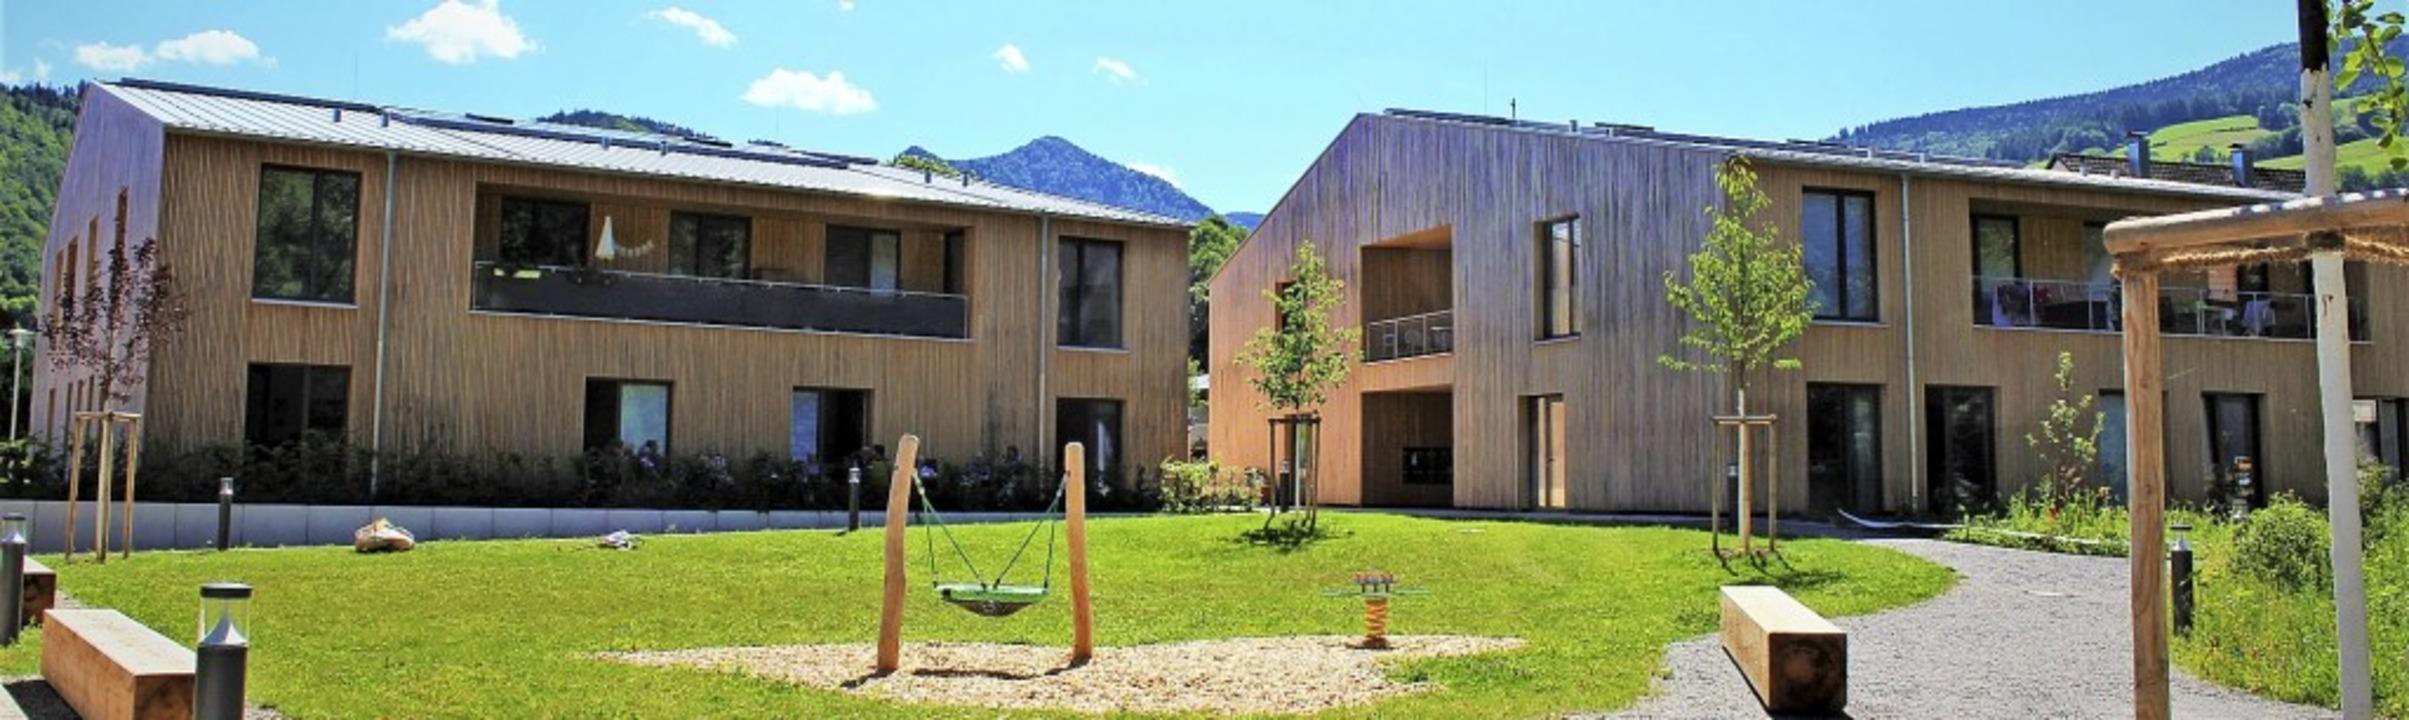 Die beiden Gebäudekomplexe des Ursulin...r Wohngruppe,  jeweils im Erdgeschoss   | Foto: Erich Krieger